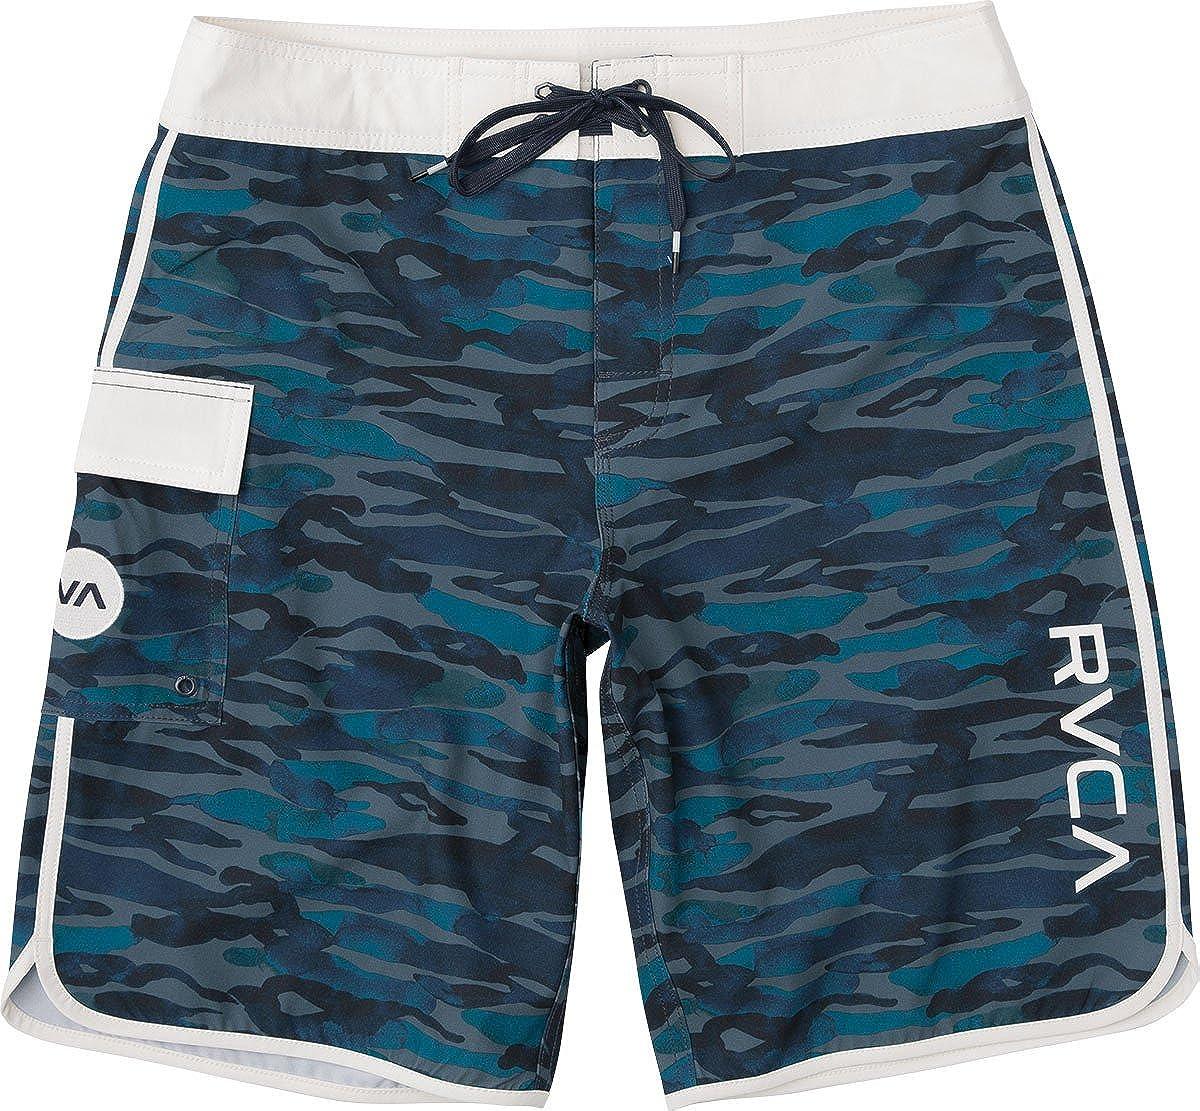 New Slate RVCA Eastern Boardshorts